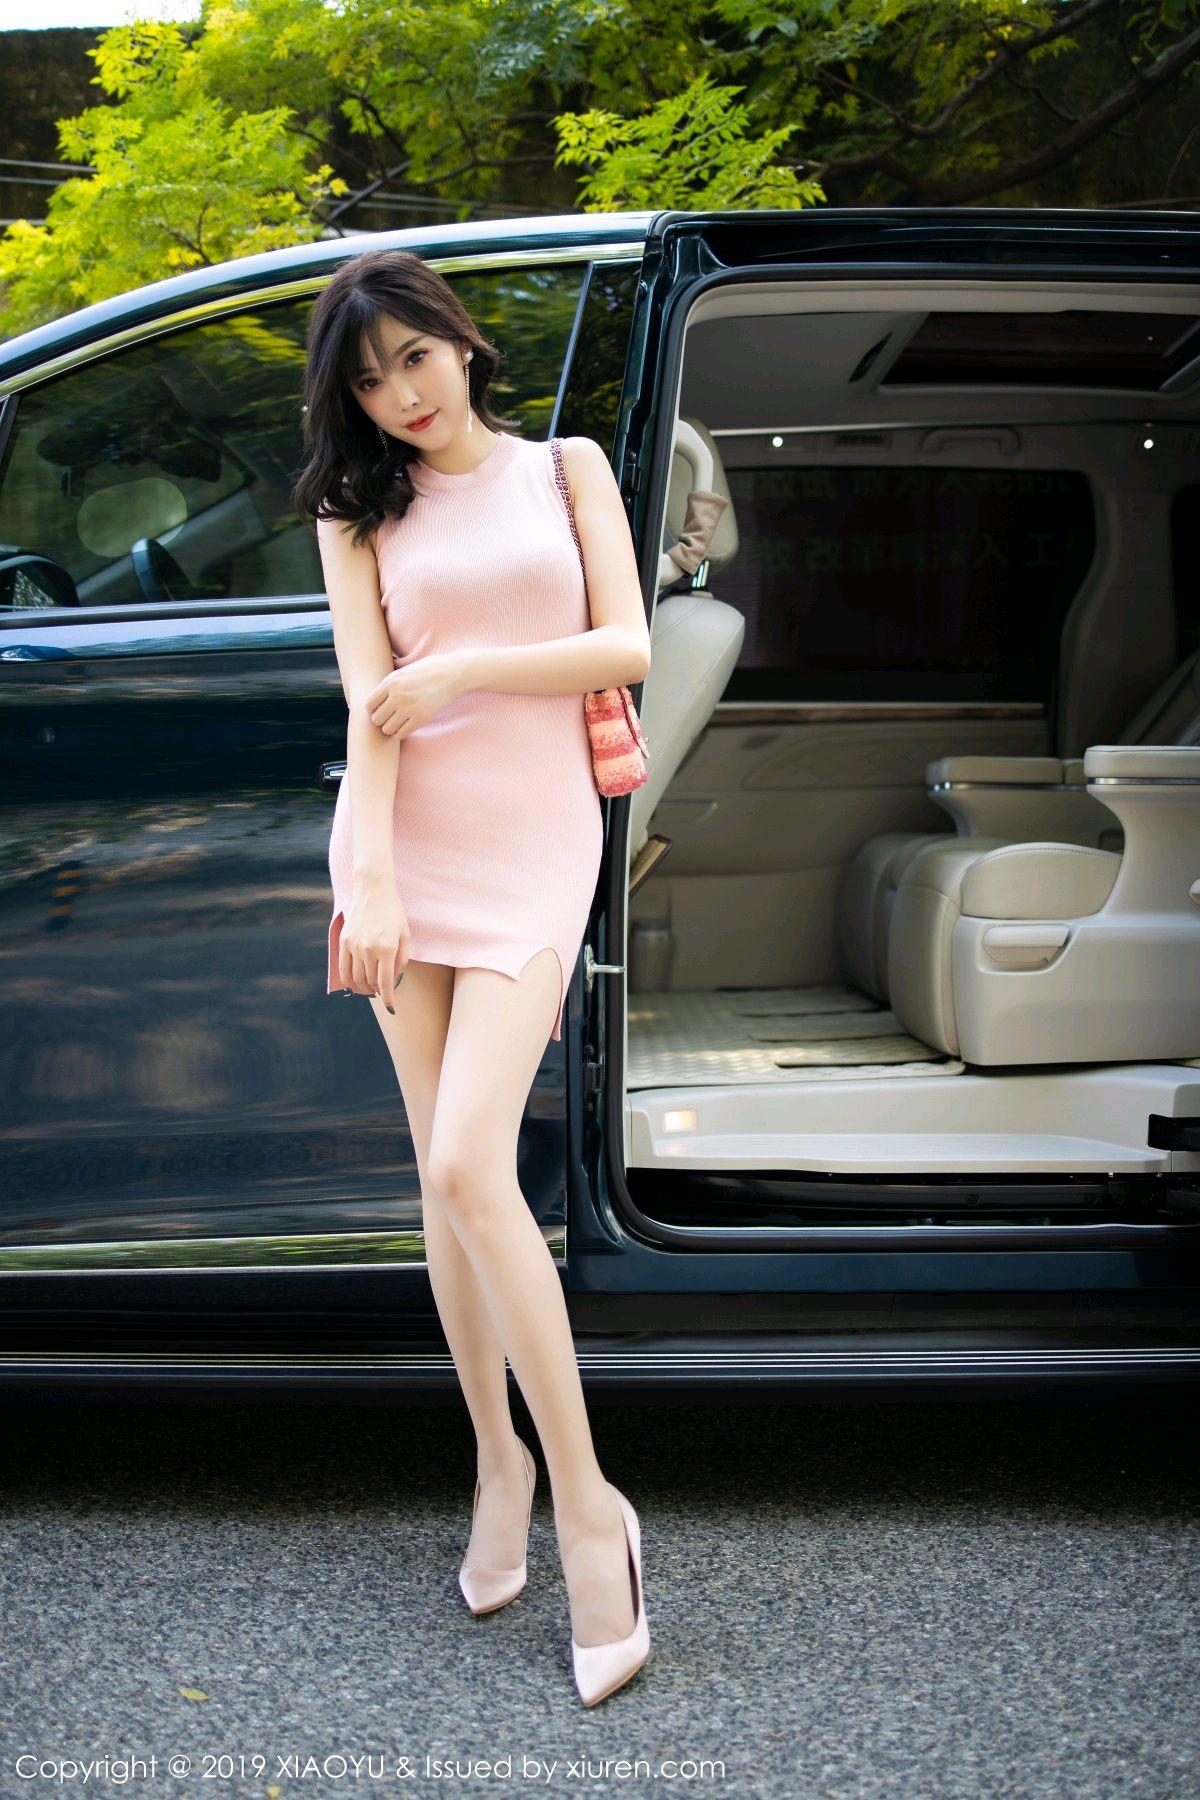 [XIAOYU] Vol.178 Yang Chen Chen 10P, Outdoor, Tall, XiaoYu, Yang Chen Chen